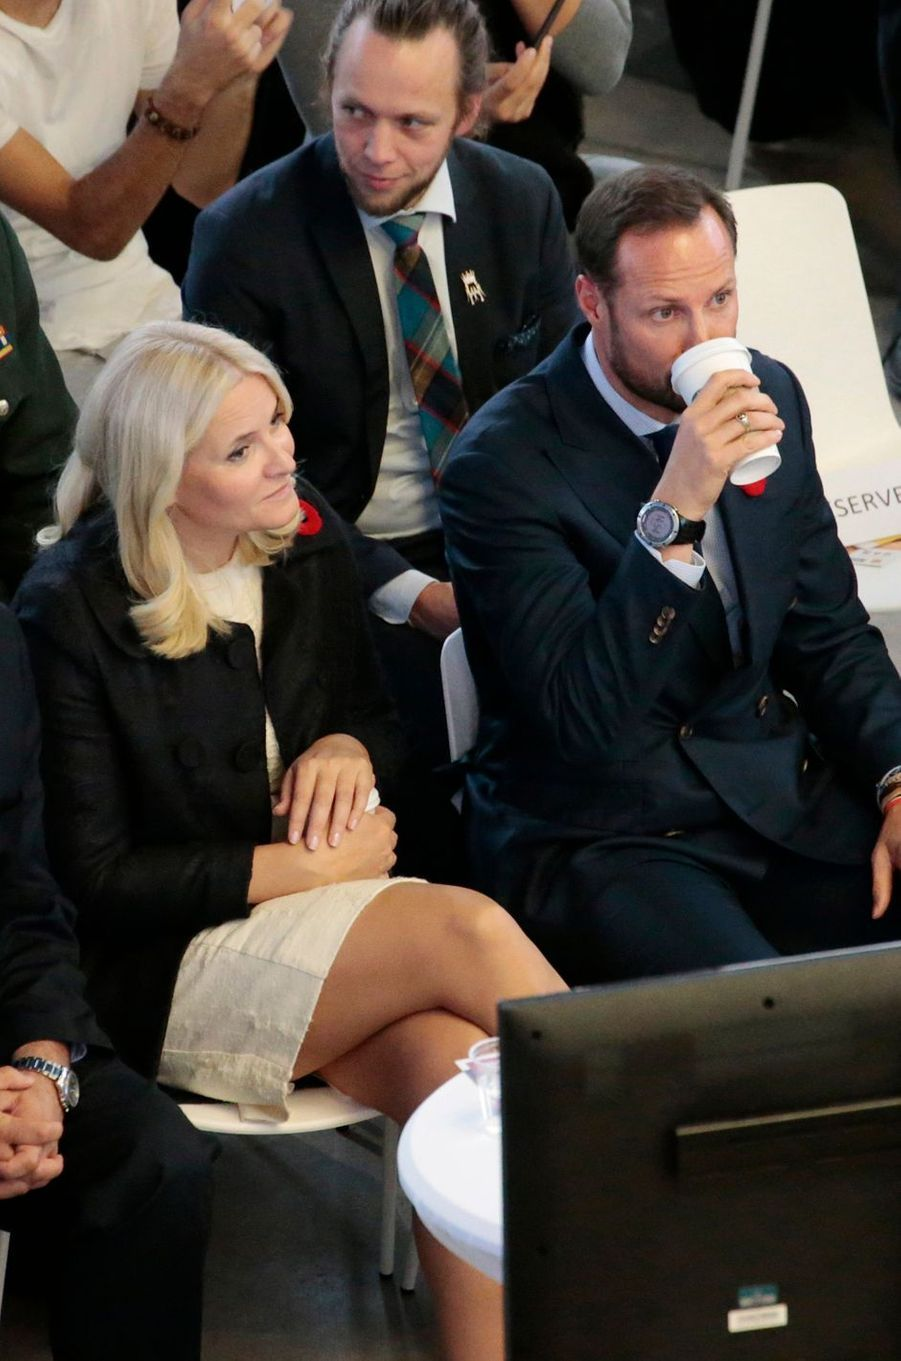 La princesse Mette-Marit et le prince Haakon de Norvège à Toronto, le 8 novembre 2016